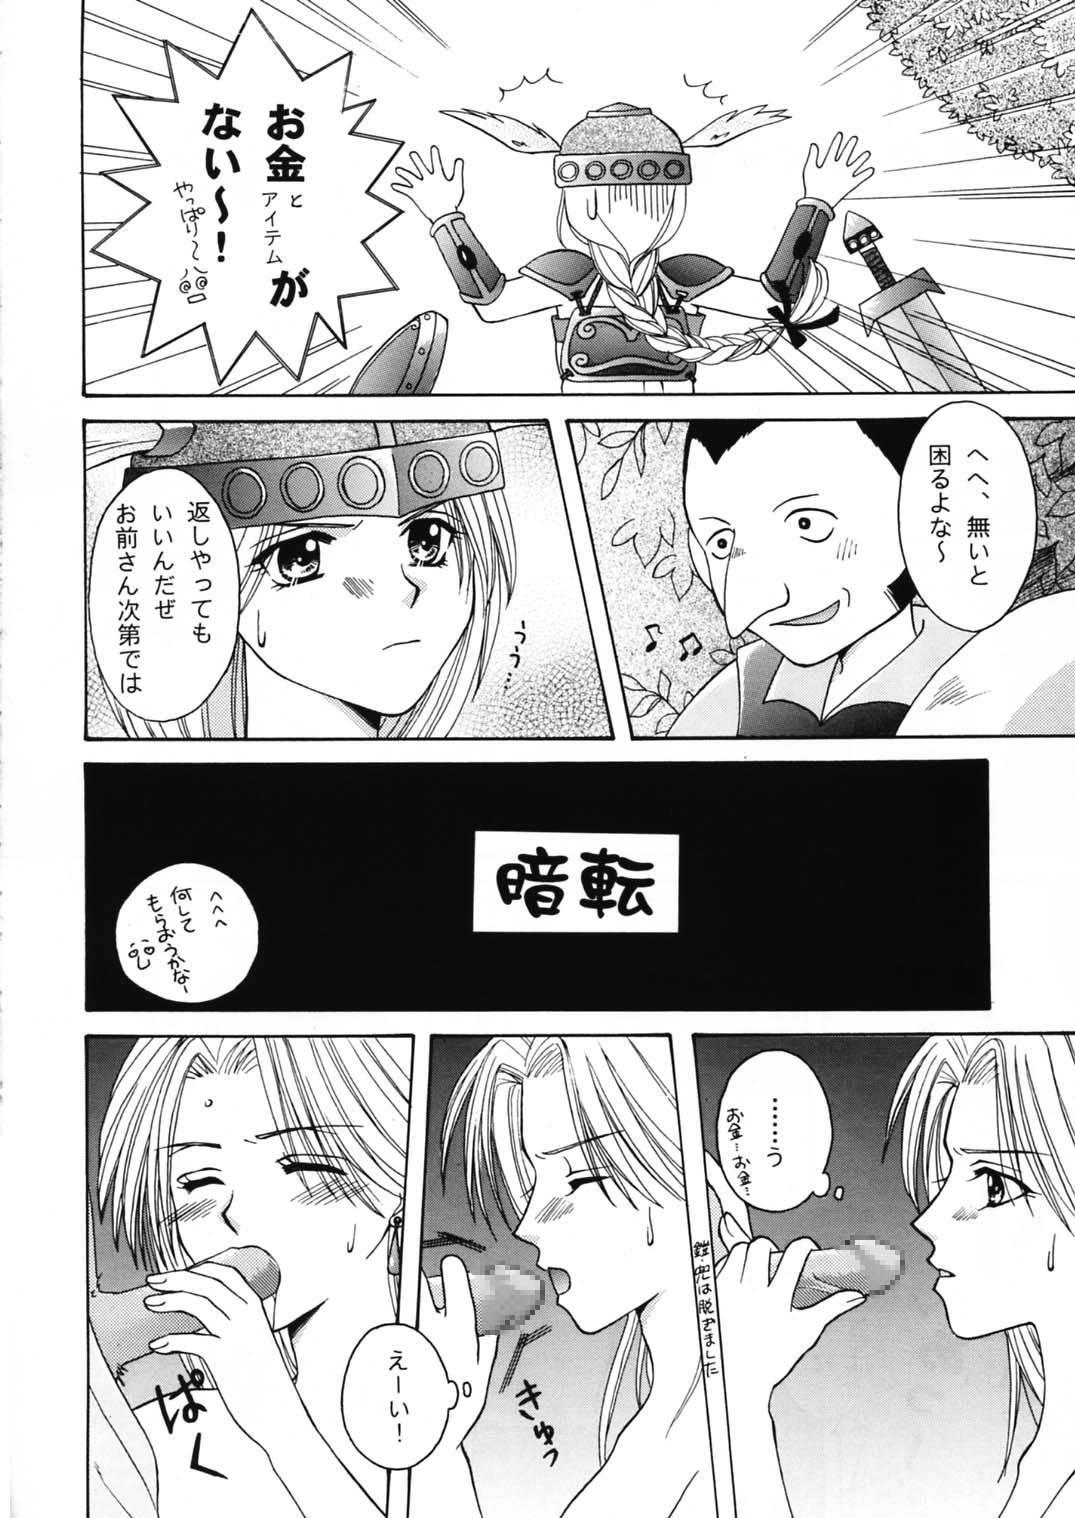 Ikusa Otome Kourinsai 15